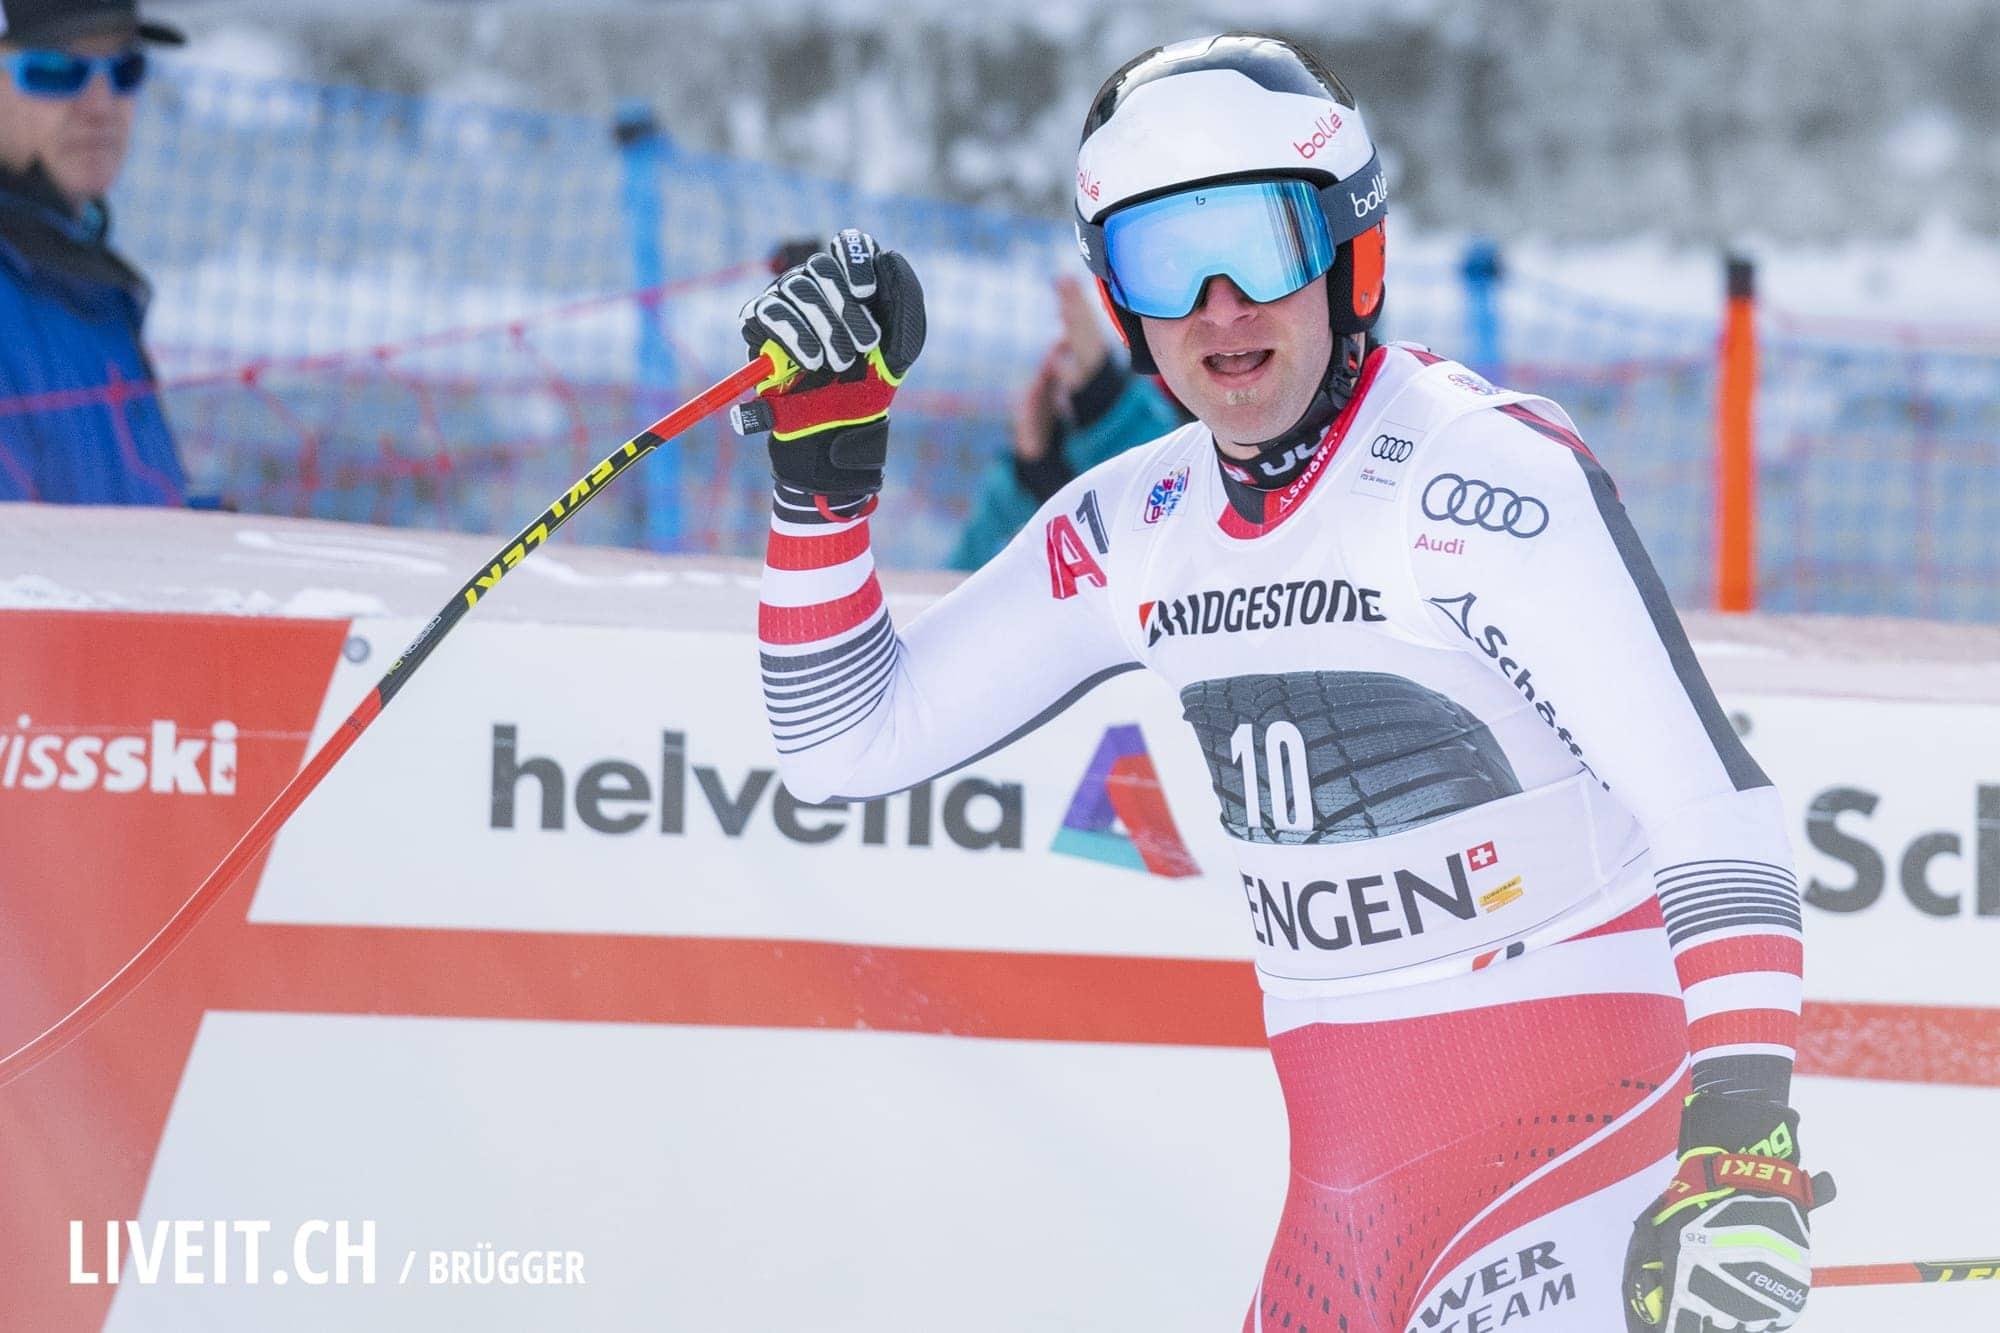 Romed Baumann (SUI) fotografiert am Freitag, 18. Januar 2019 am Lauberhornrennen in der Disziplin: Slalom Alpine Kombination. (Fotografiert von Dominic Bruegger liveit.ch)